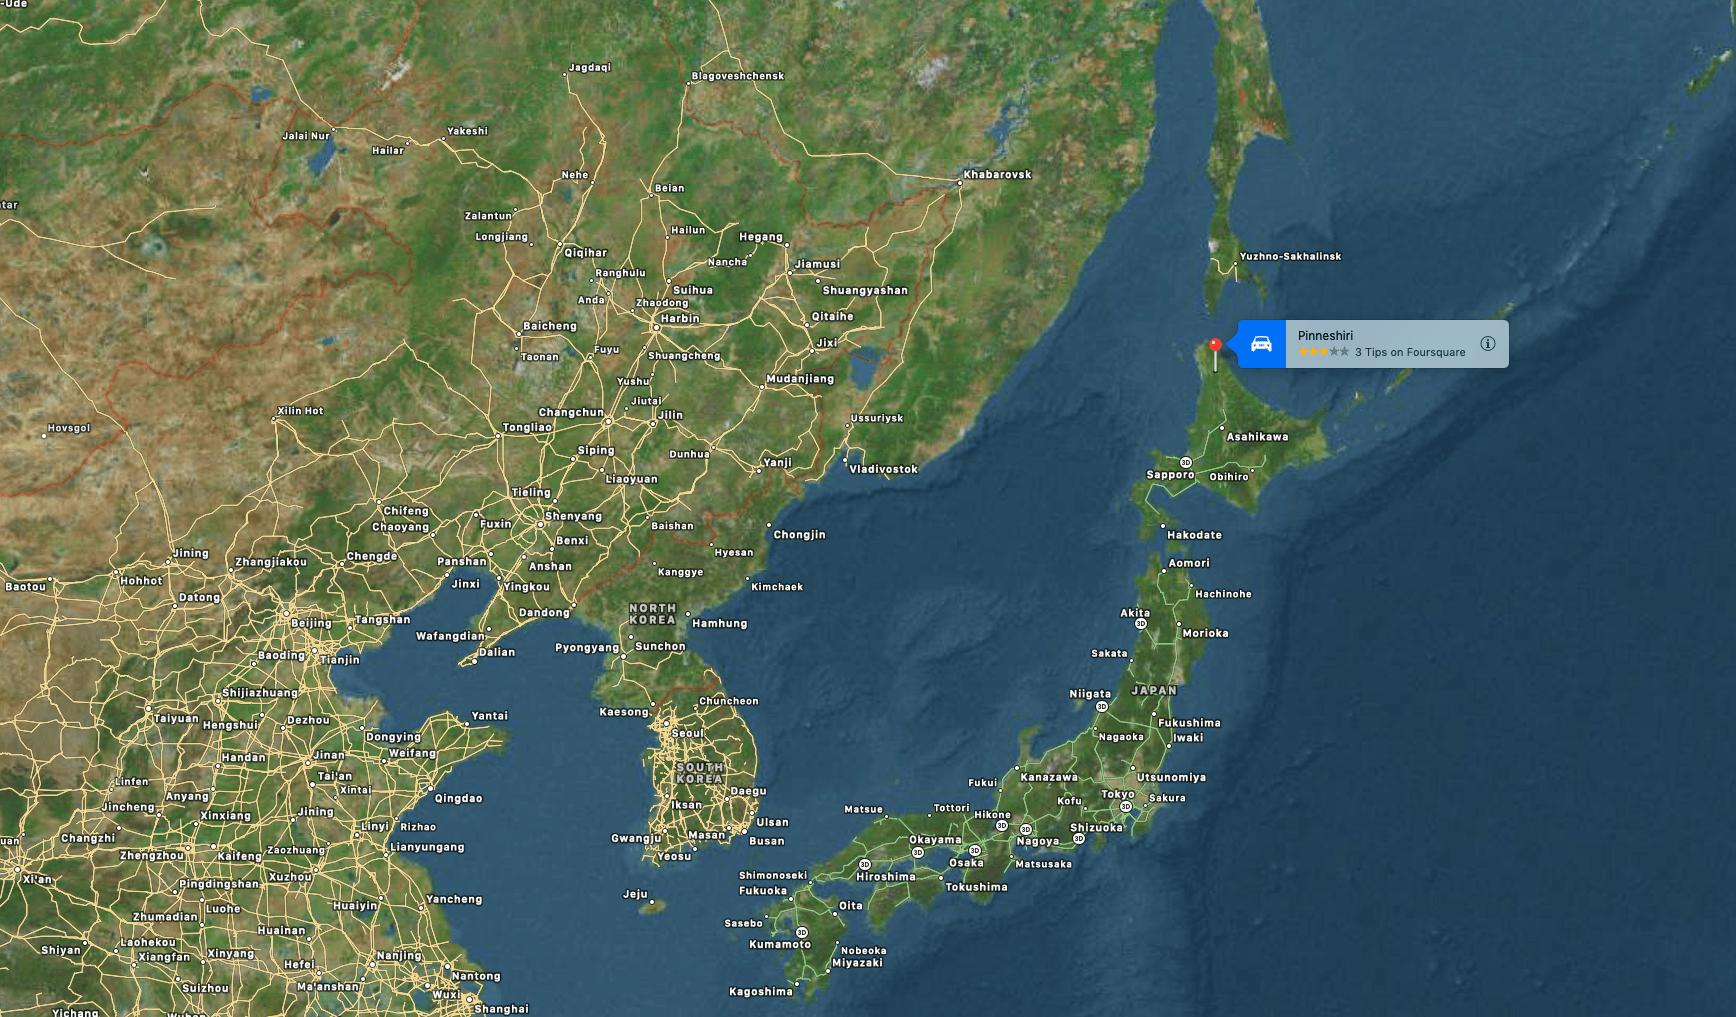 Pinneshiri, Japan, hokkaido